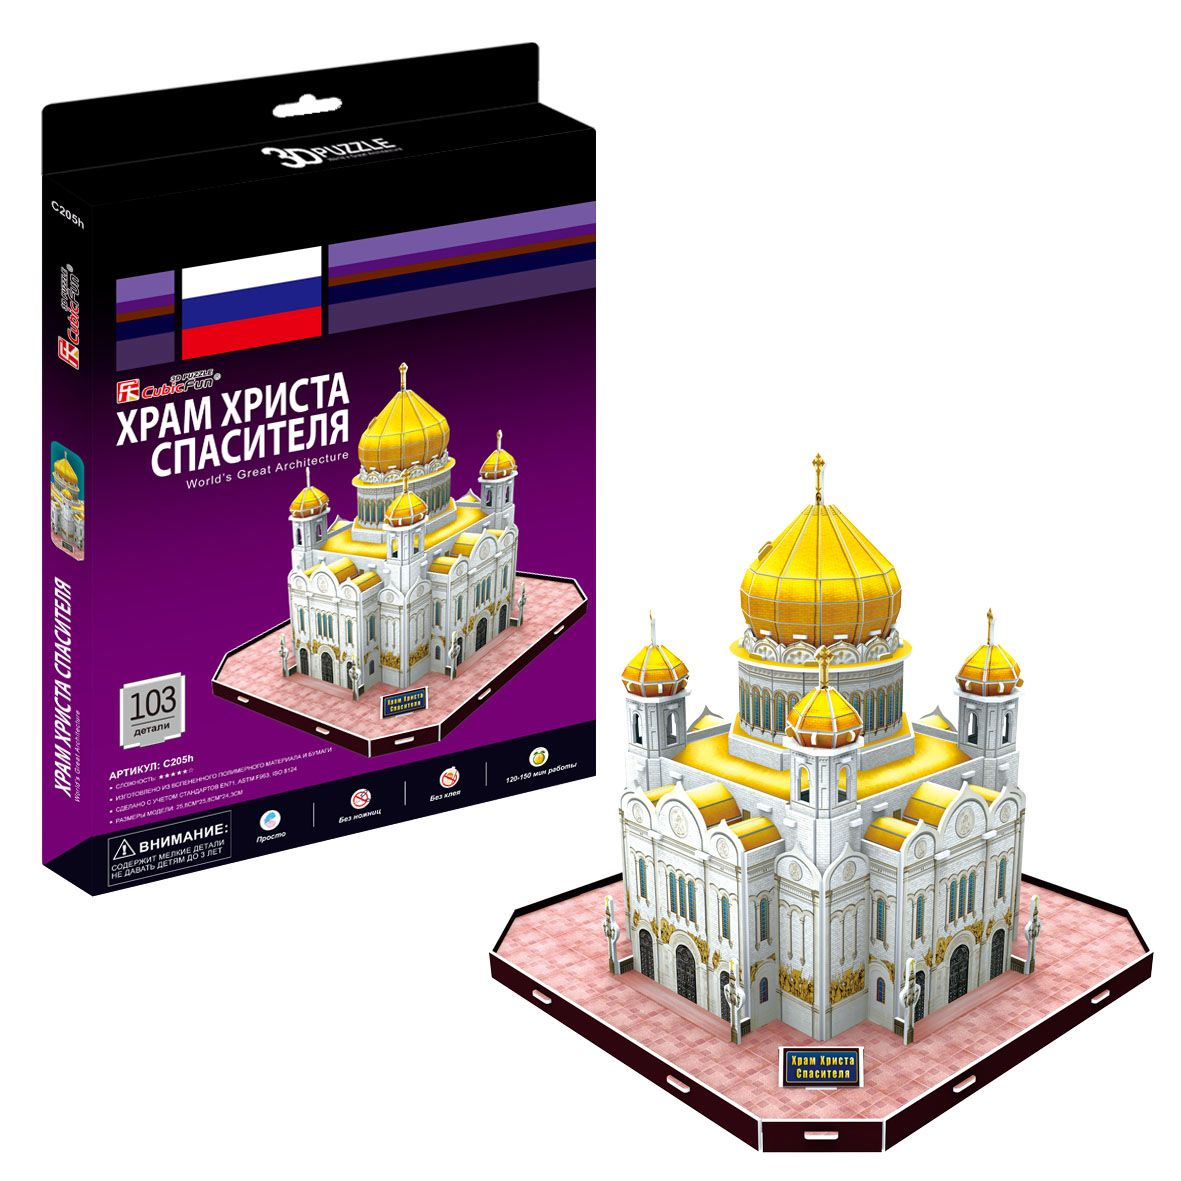 Фото - Игрушка Храм Христа Спасителя (Россия) c205h андрей смирнов игрушка tenga 3d как модель архитектуры